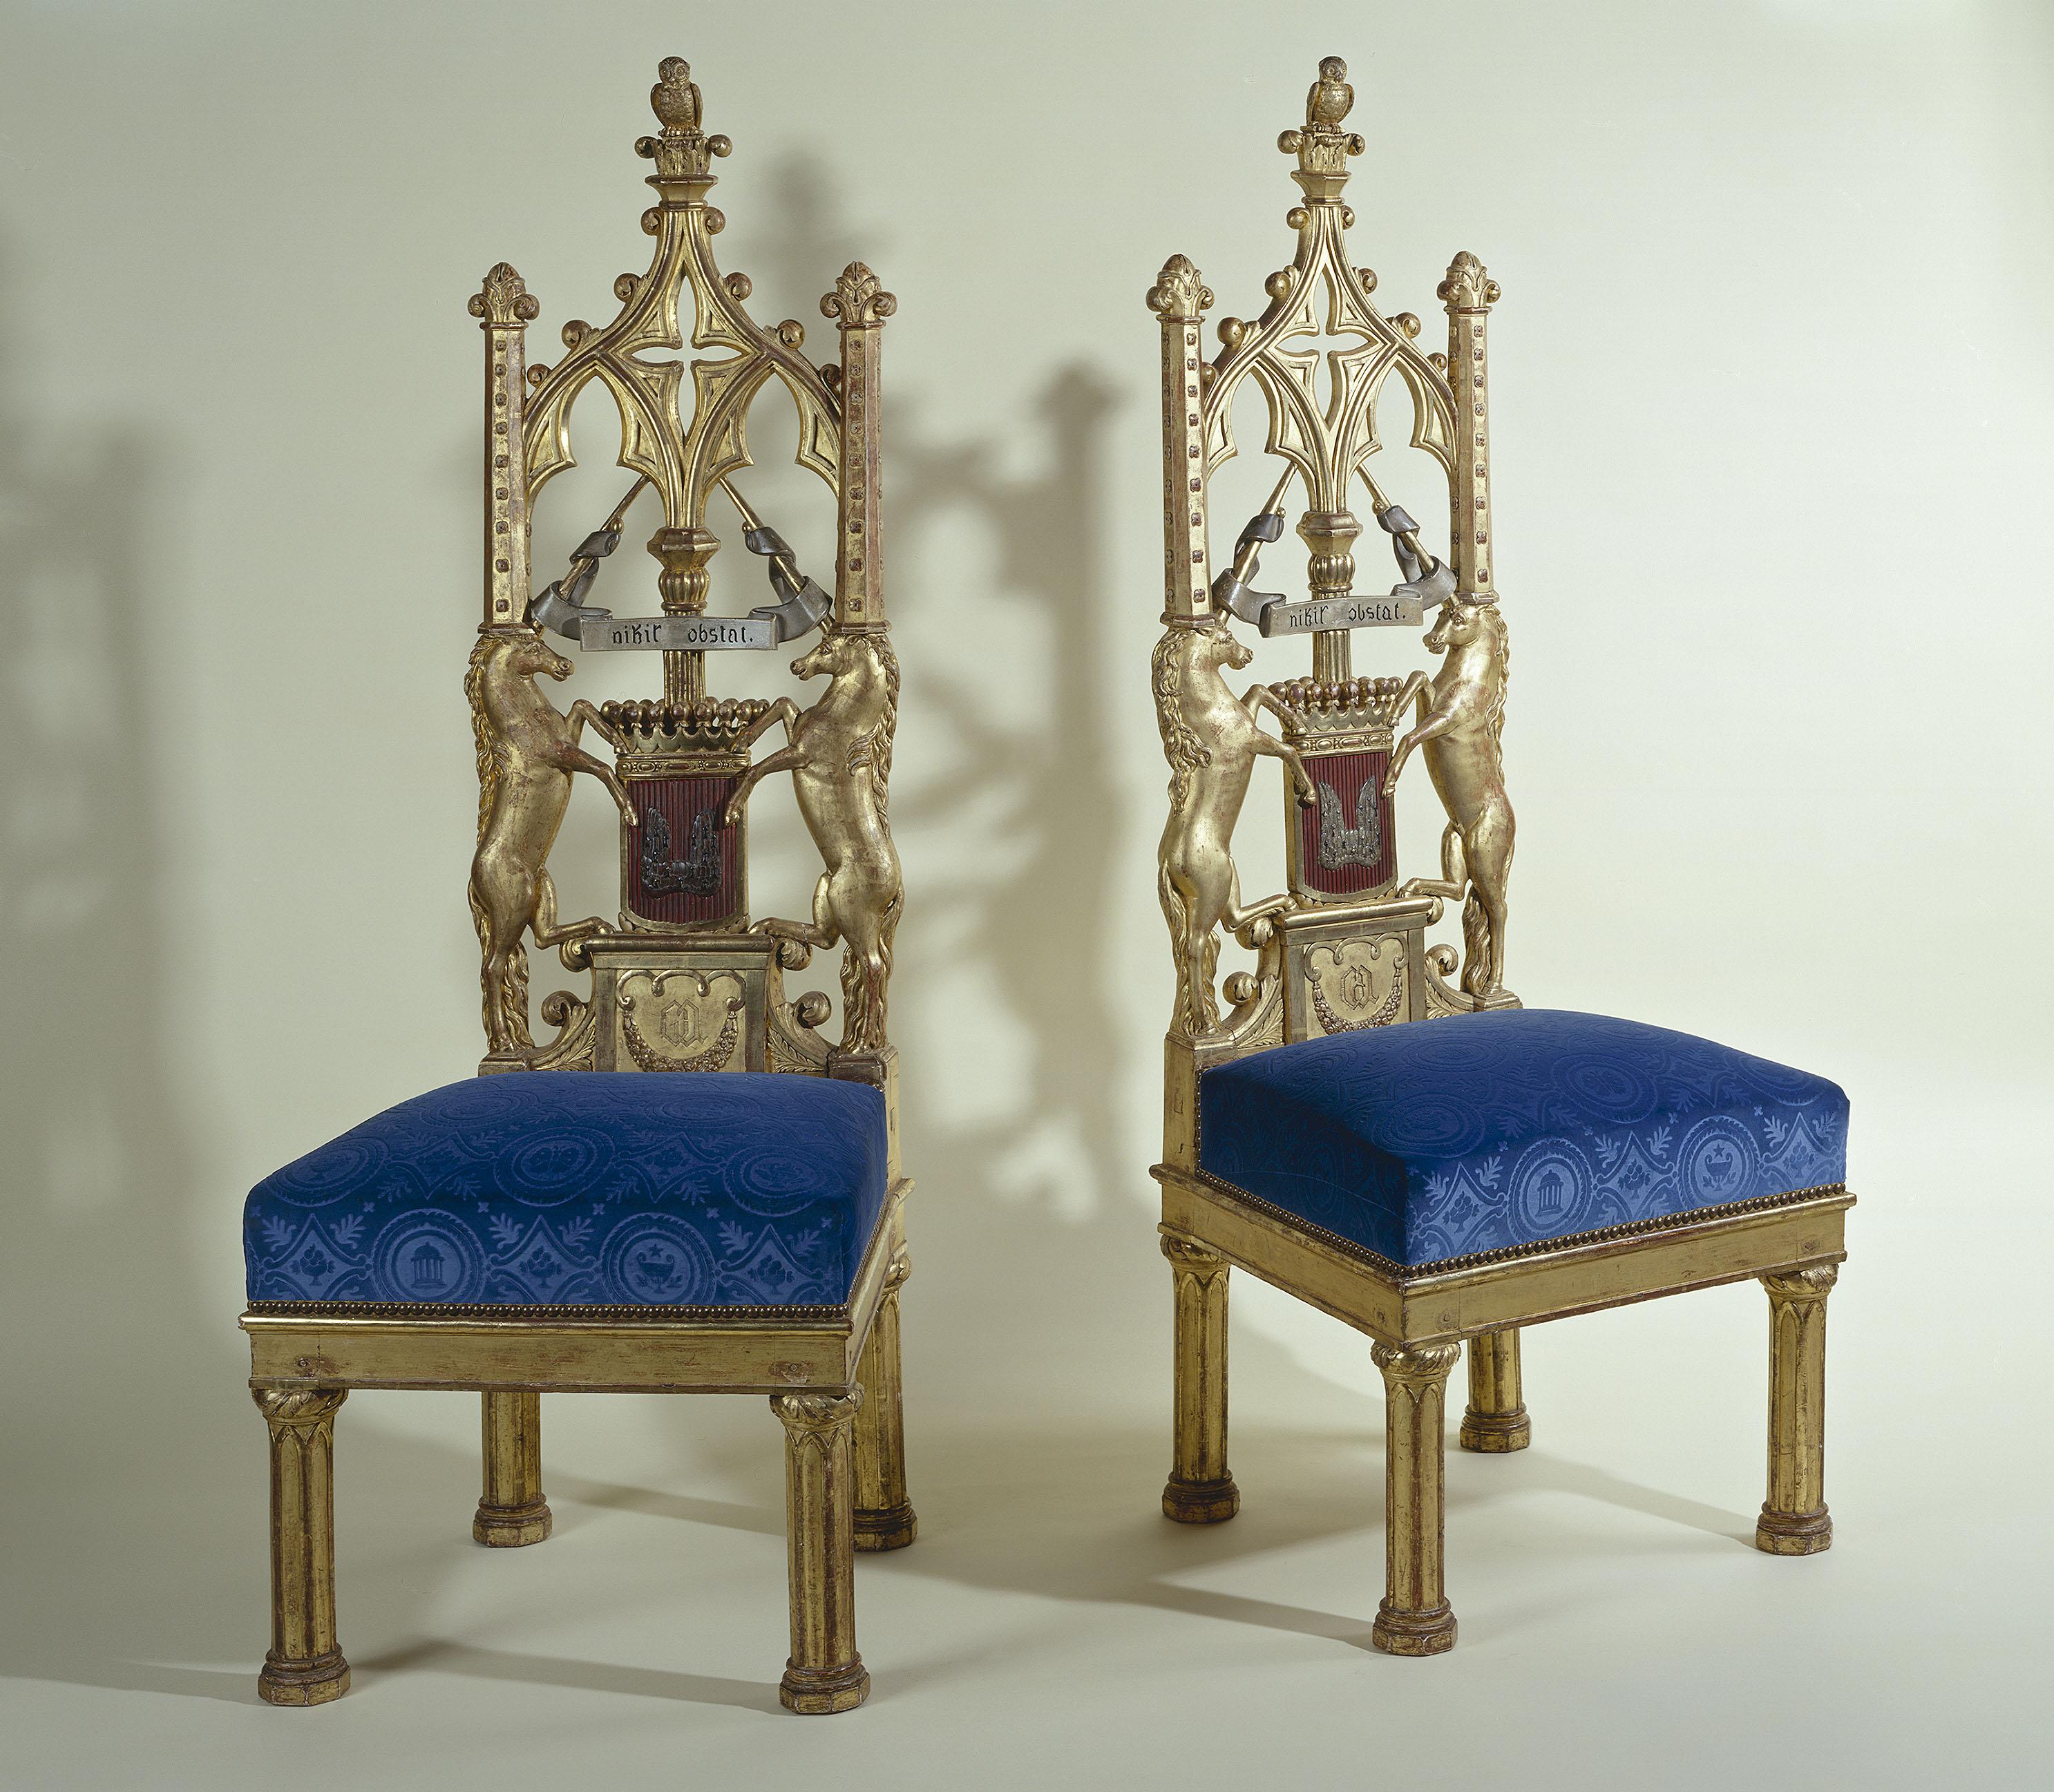 Jacob-Desmalter - Paire de chaises du cabinet gothique de la comtesse d'Osmond